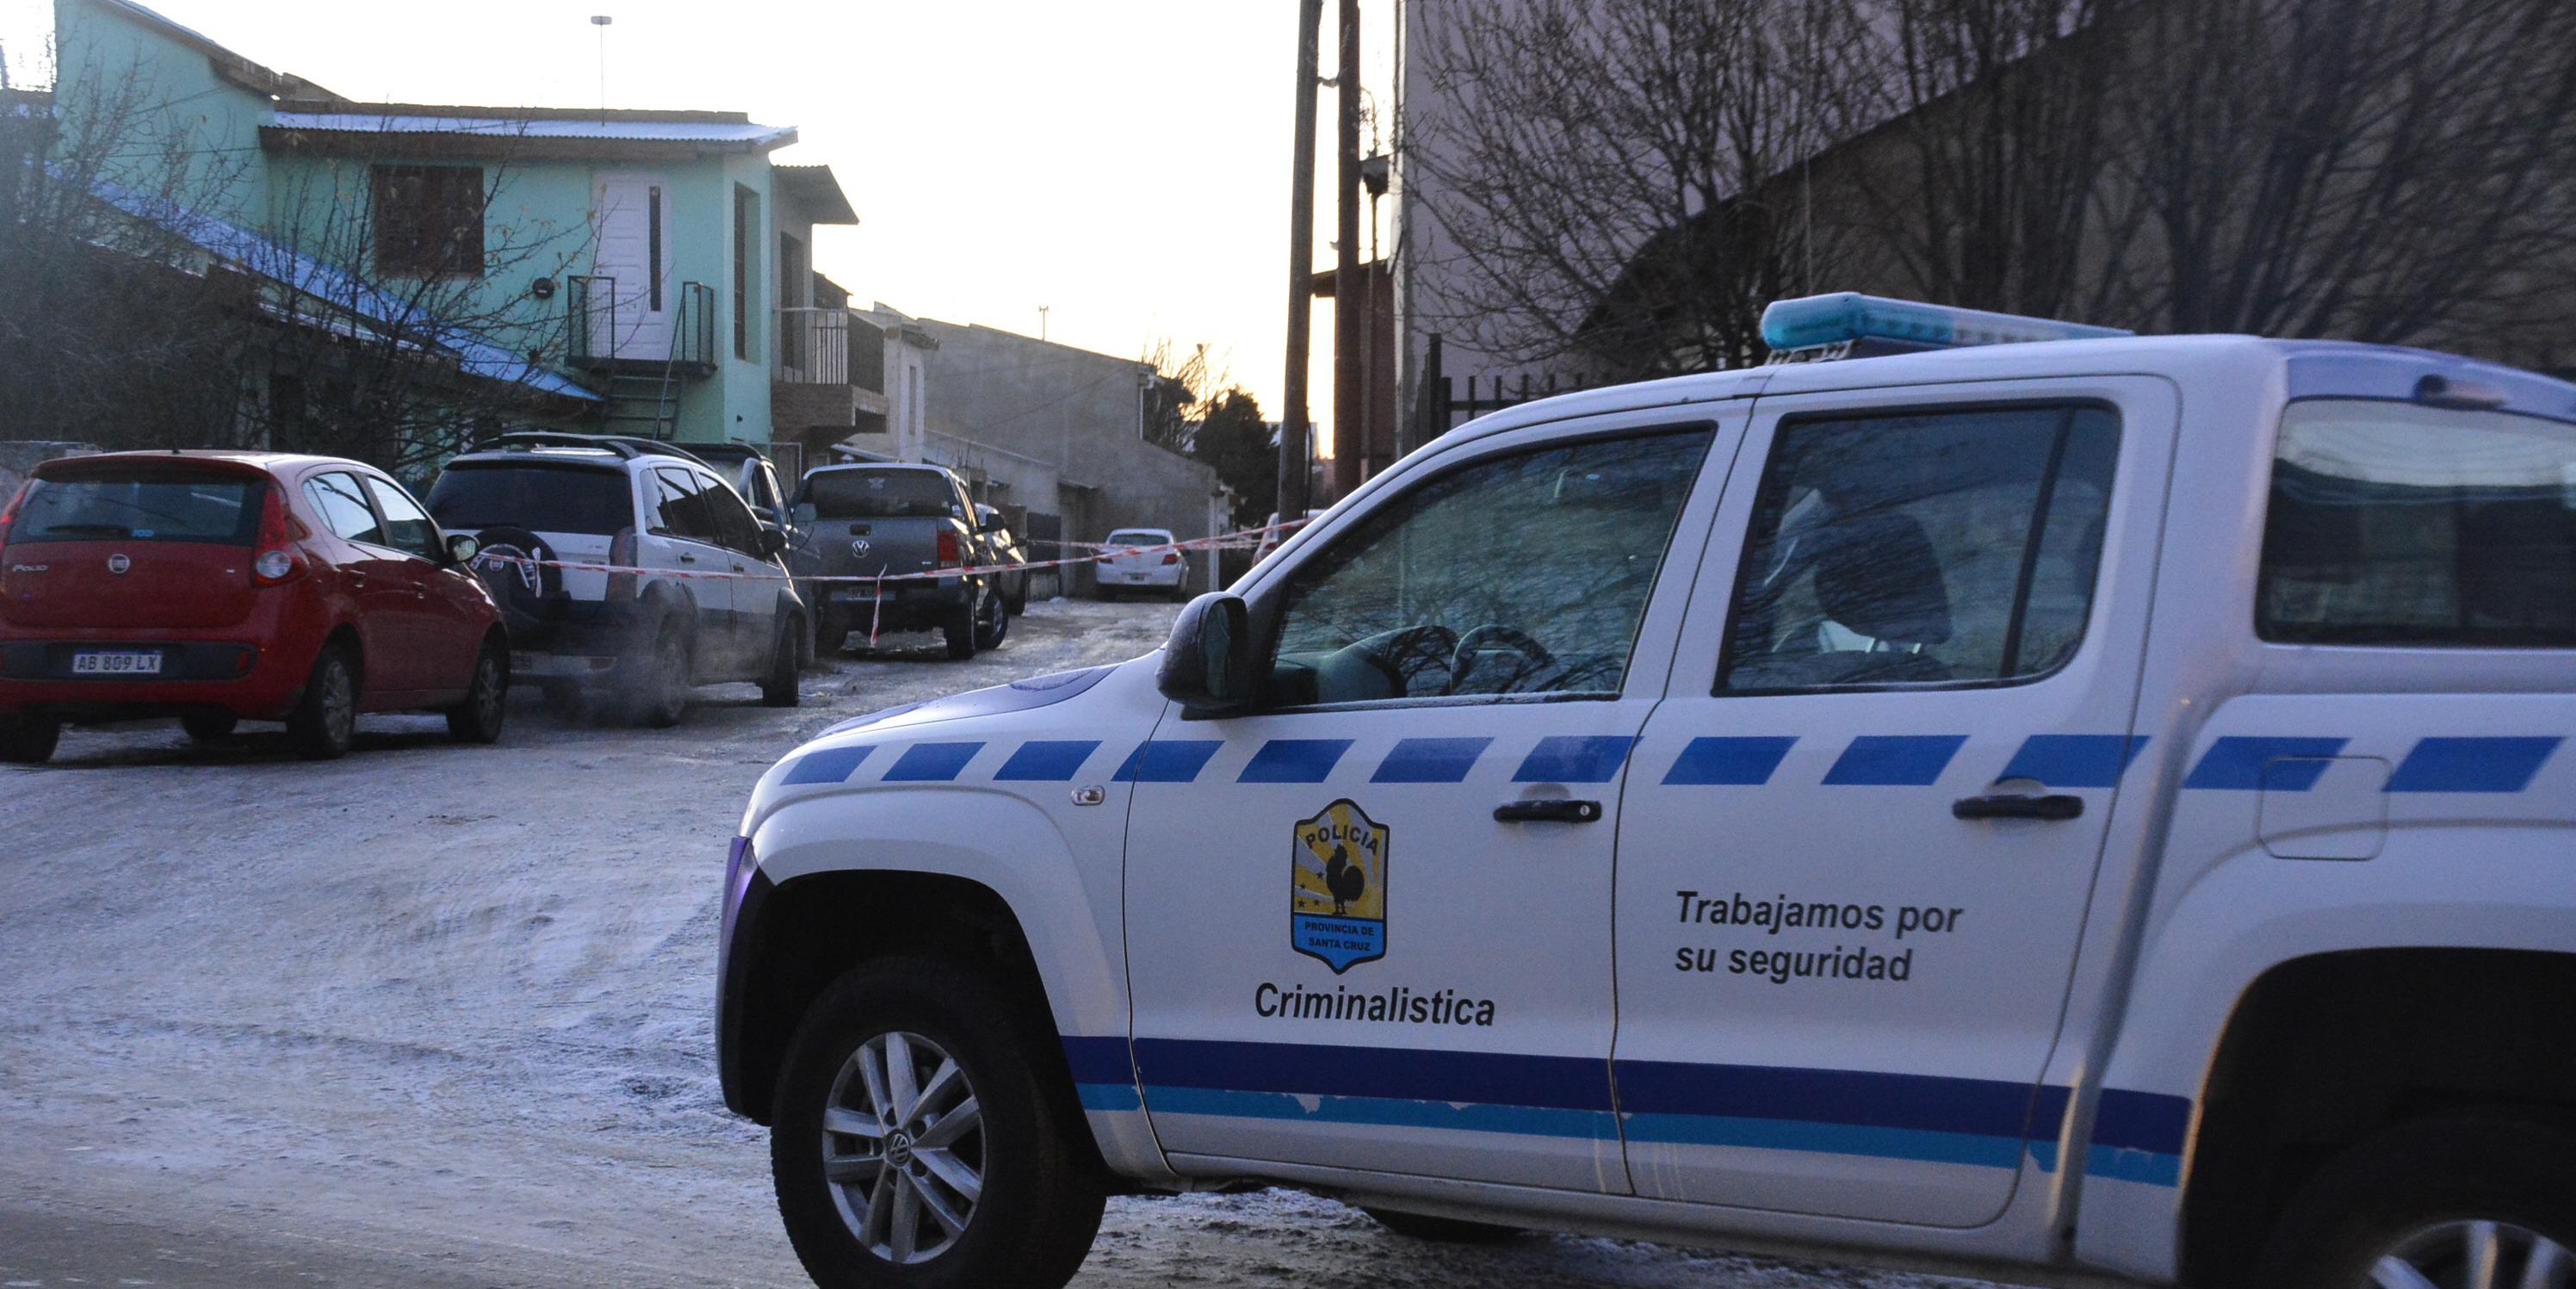 Personal de la División Criminalística trabajó en el lugar. También la Comisaría Segunda y Bomberos. FOTO: JOSÉ SILVA